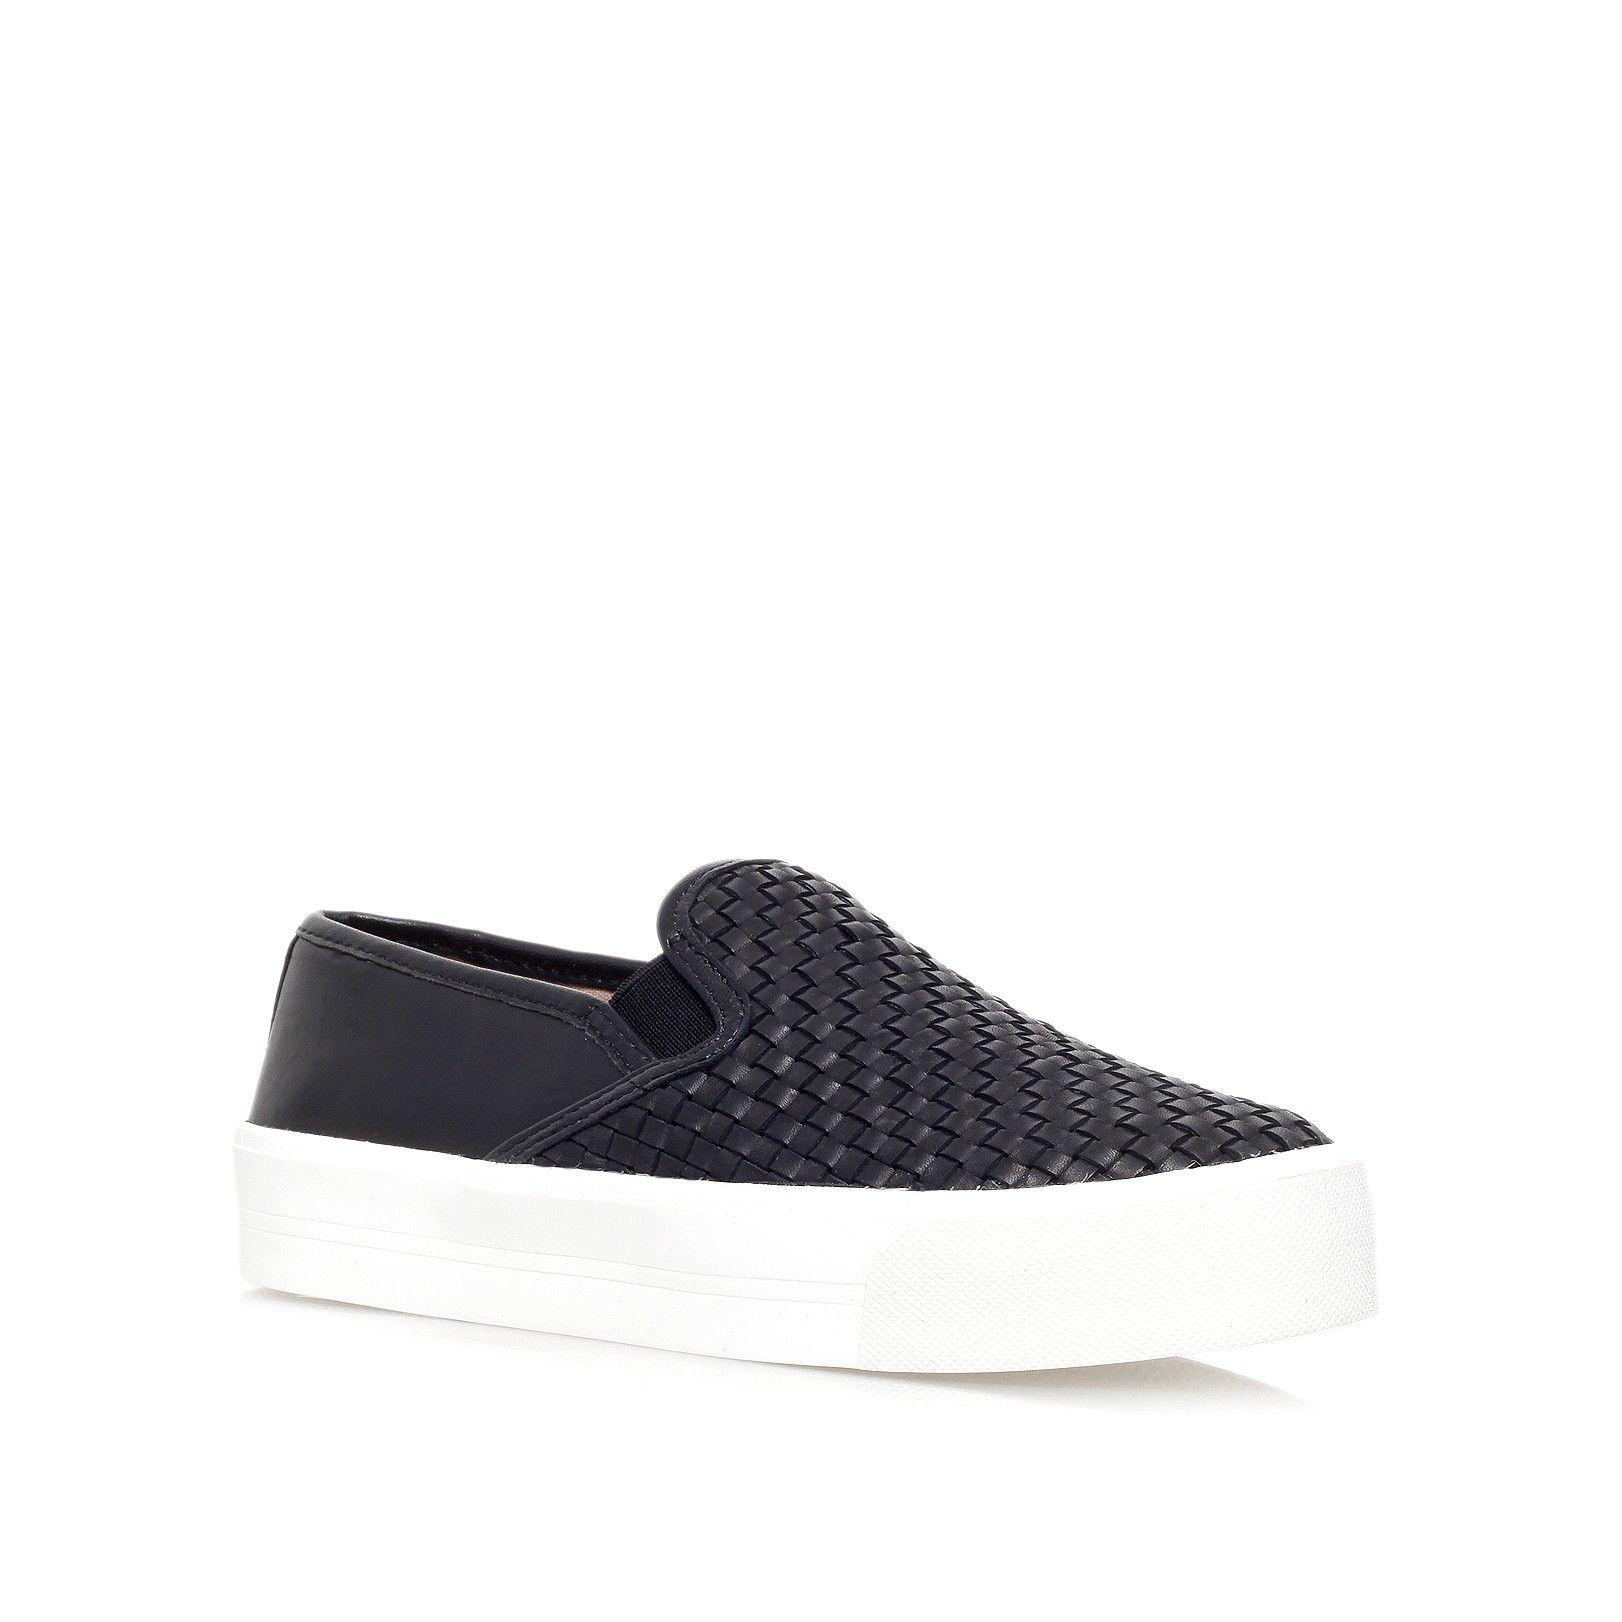 Zapatos negros casual Dalliy para mujer kanHeDp